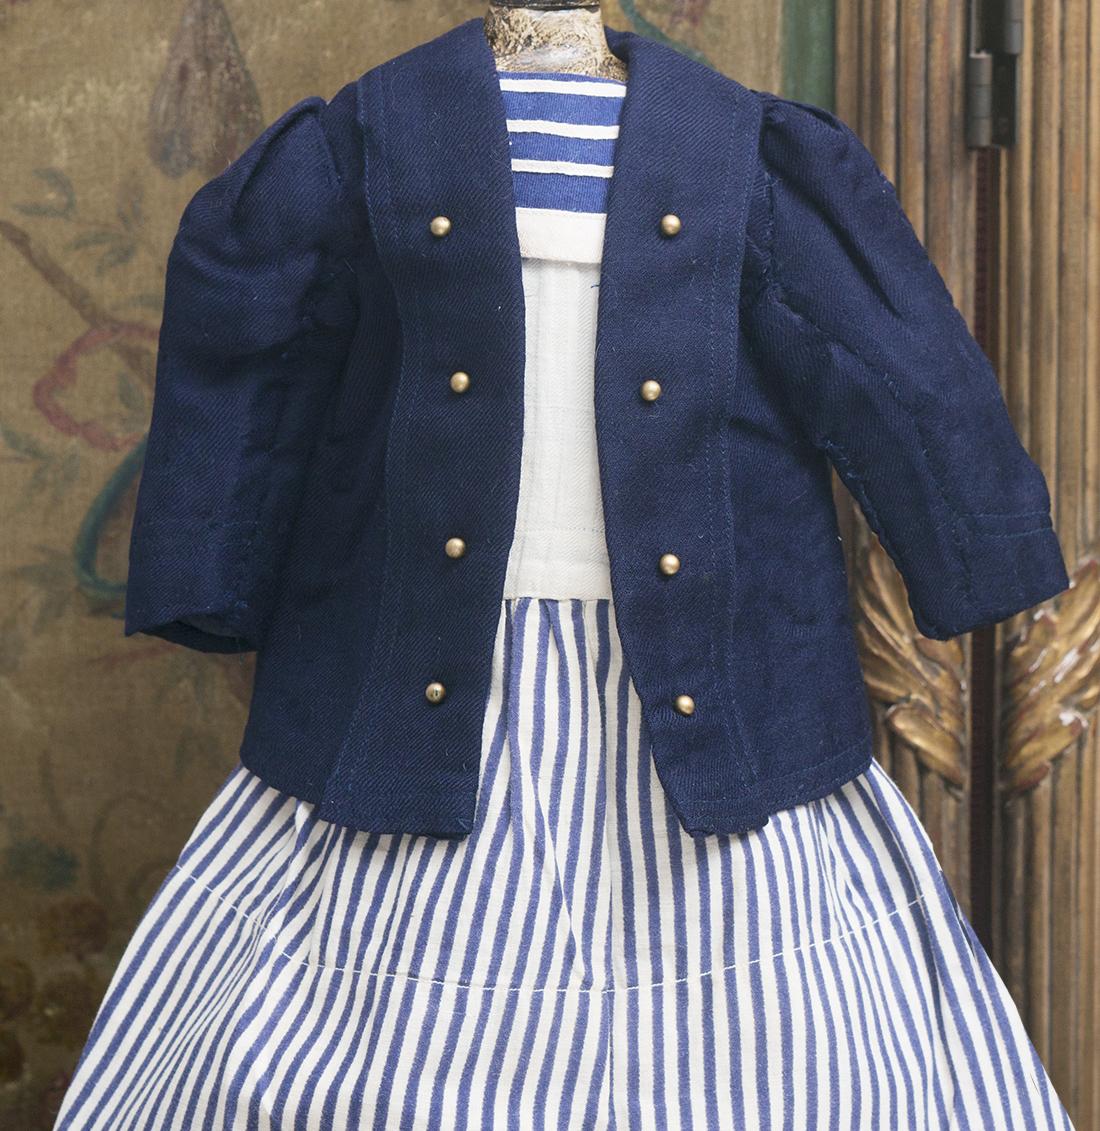 Antique Original Sailor costume